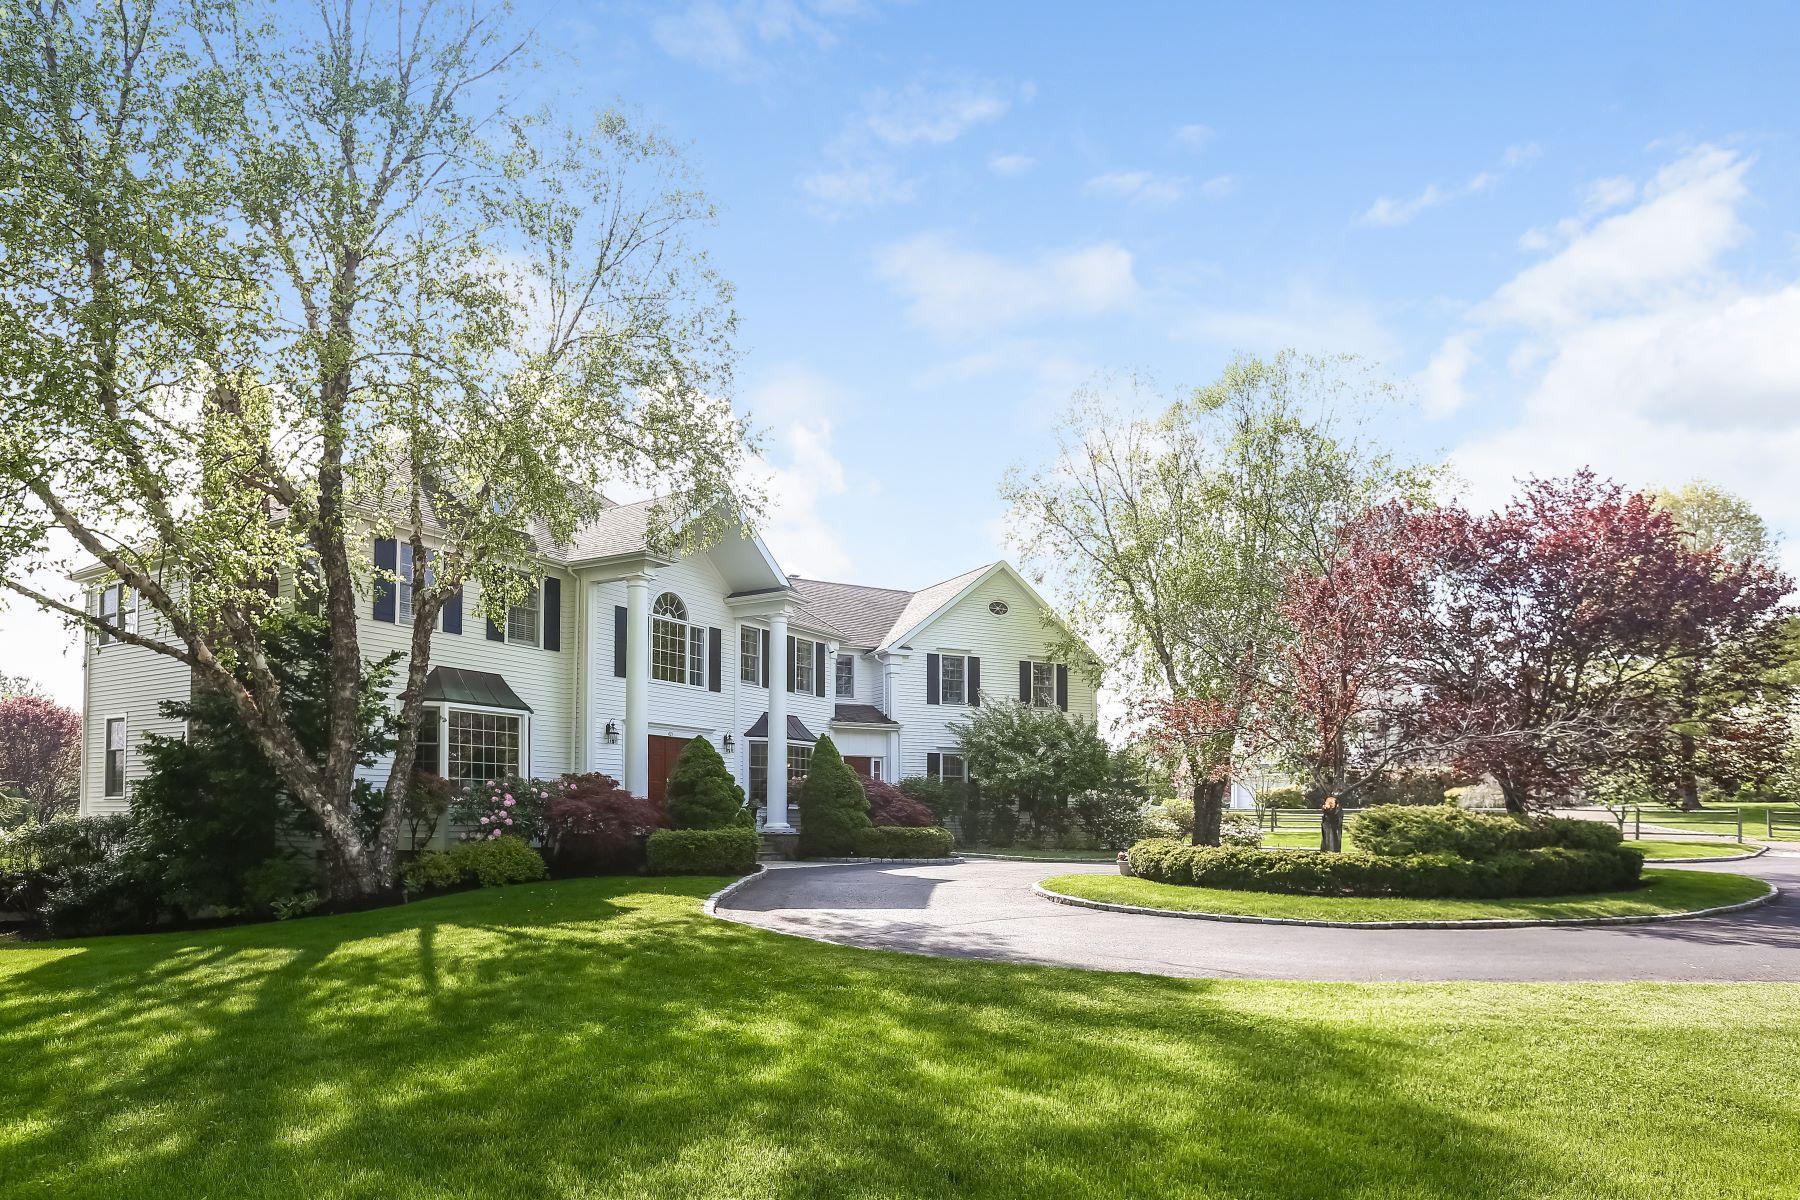 独户住宅 为 销售 在 421 Belden Hill Road 421 Belden Hill Road 威尔顿, 康涅狄格州 06897 美国